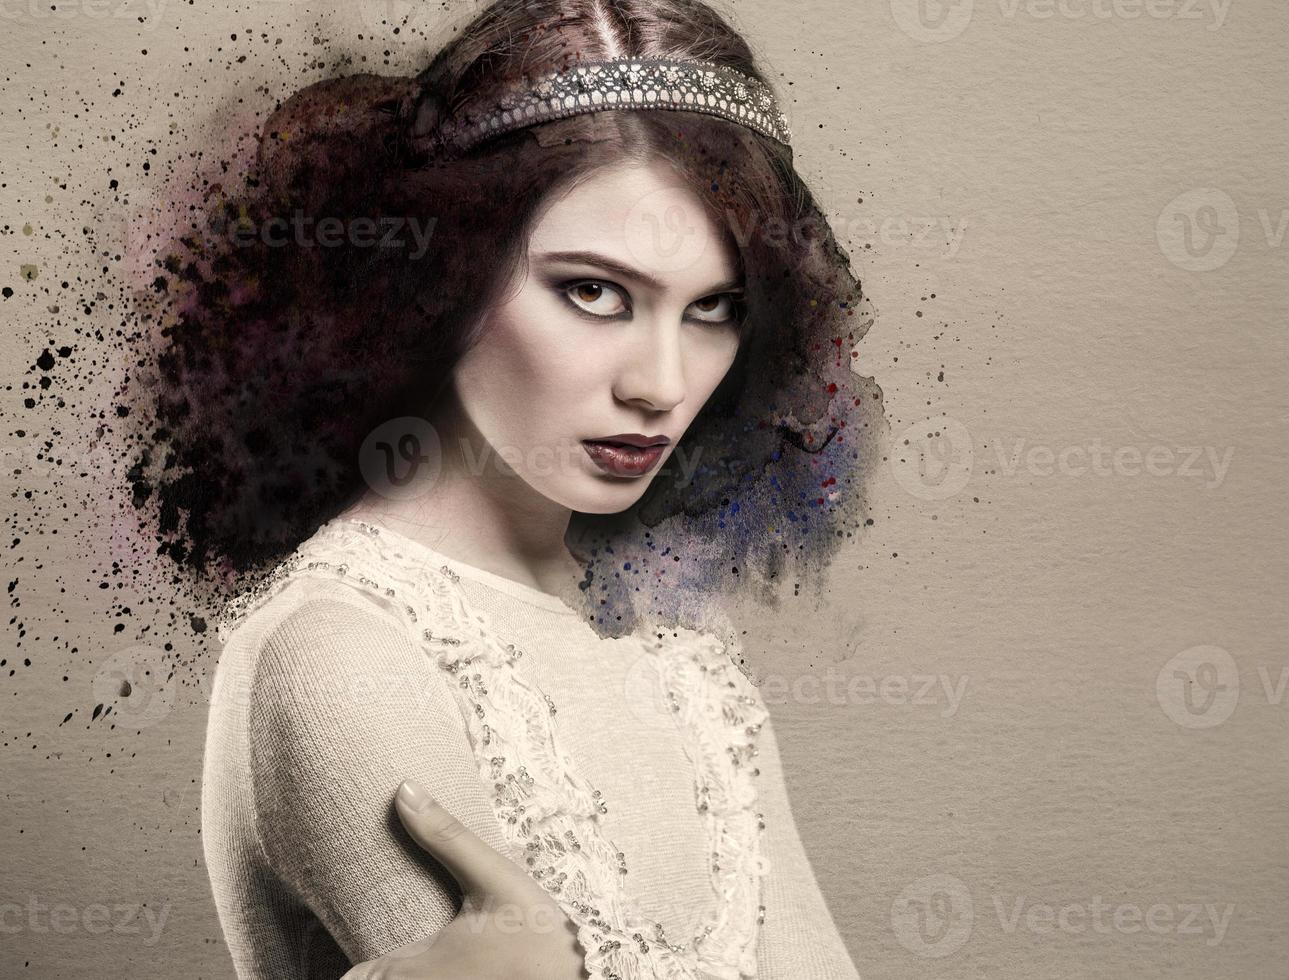 bellissima signorina foto